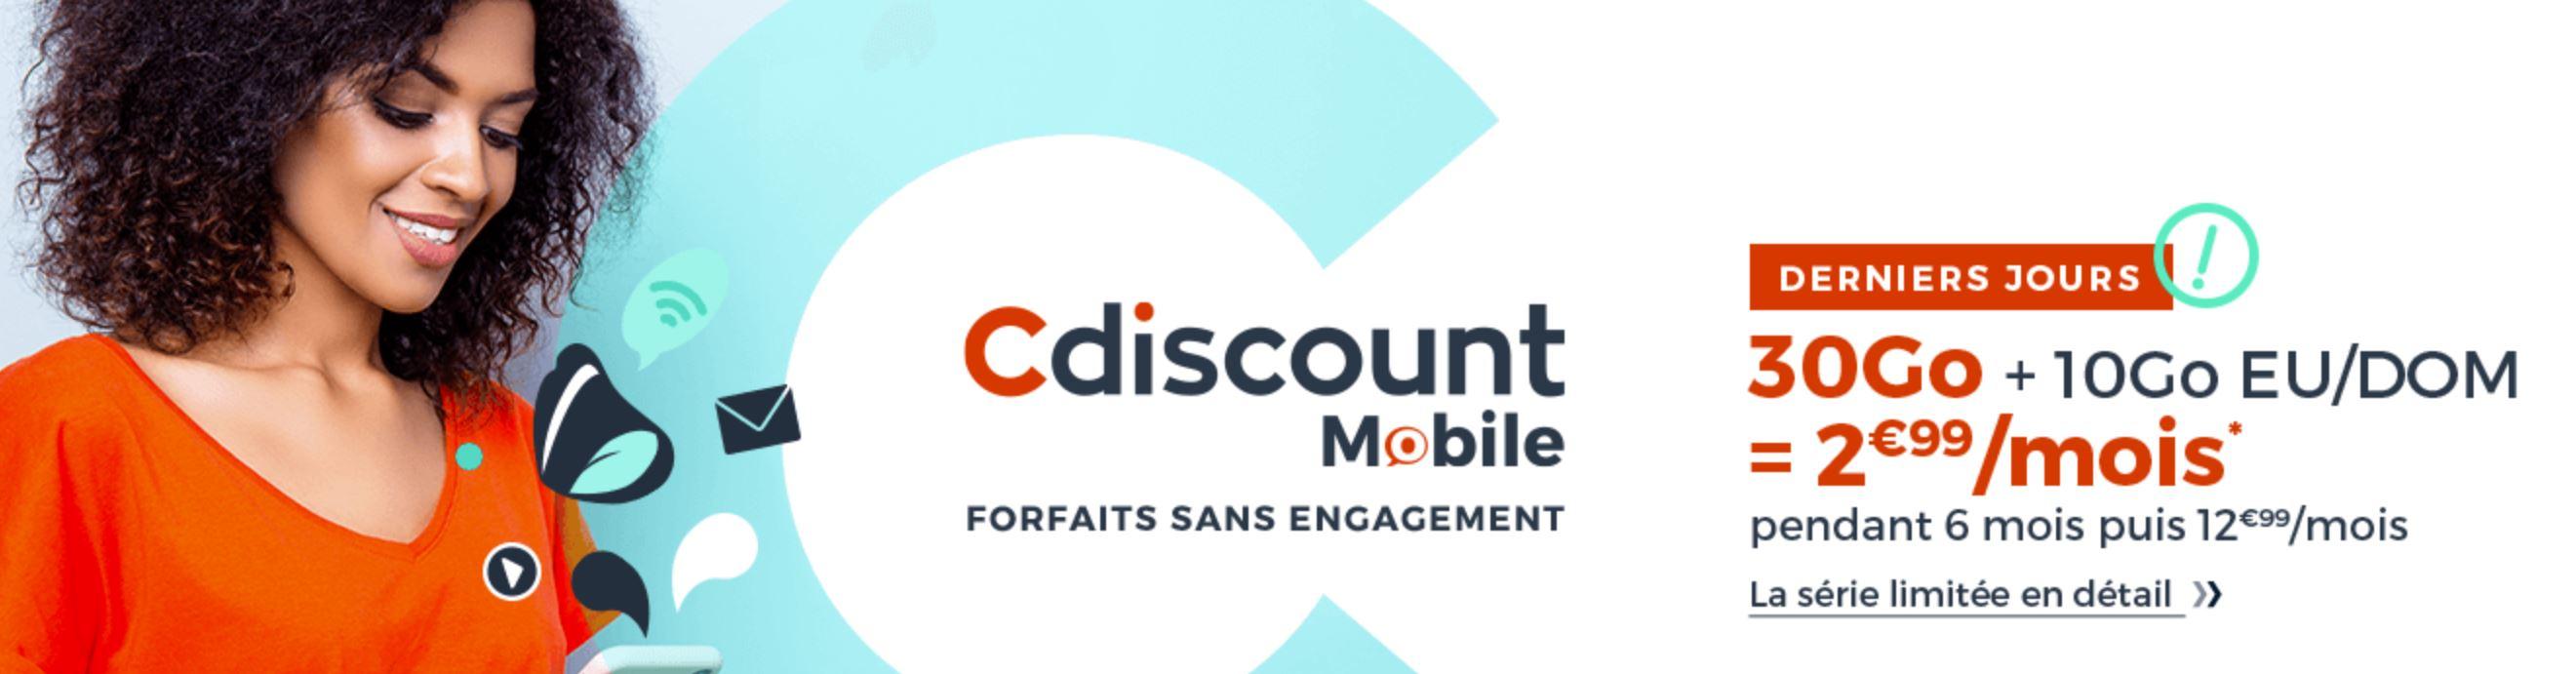 [Bon Plan] Cdiscount Mobile : un forfait mobile à 2,99 euros par mois avec 30 Go de data !